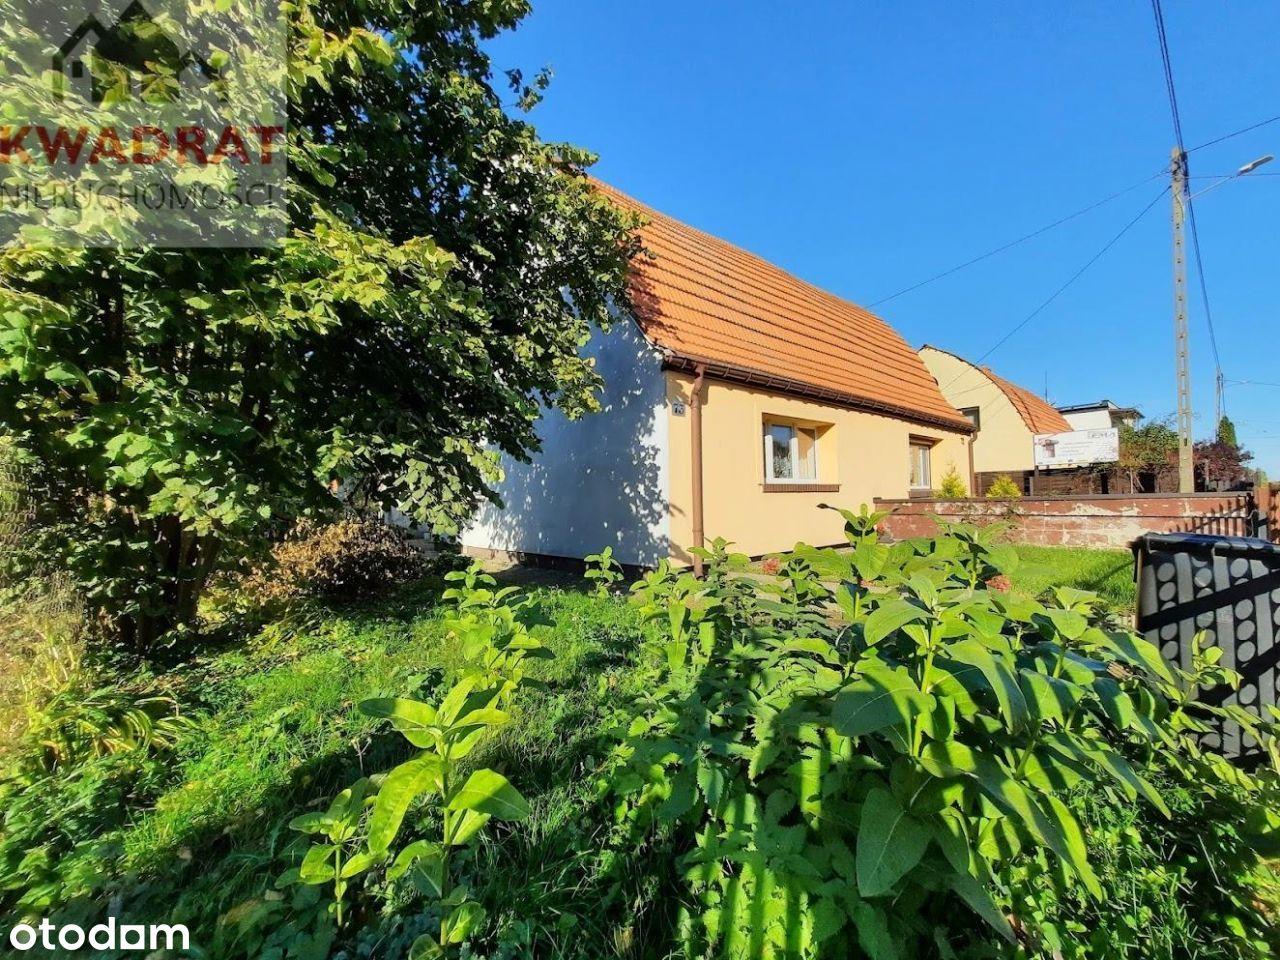 Dom w Malborku w spokojnej okolicy